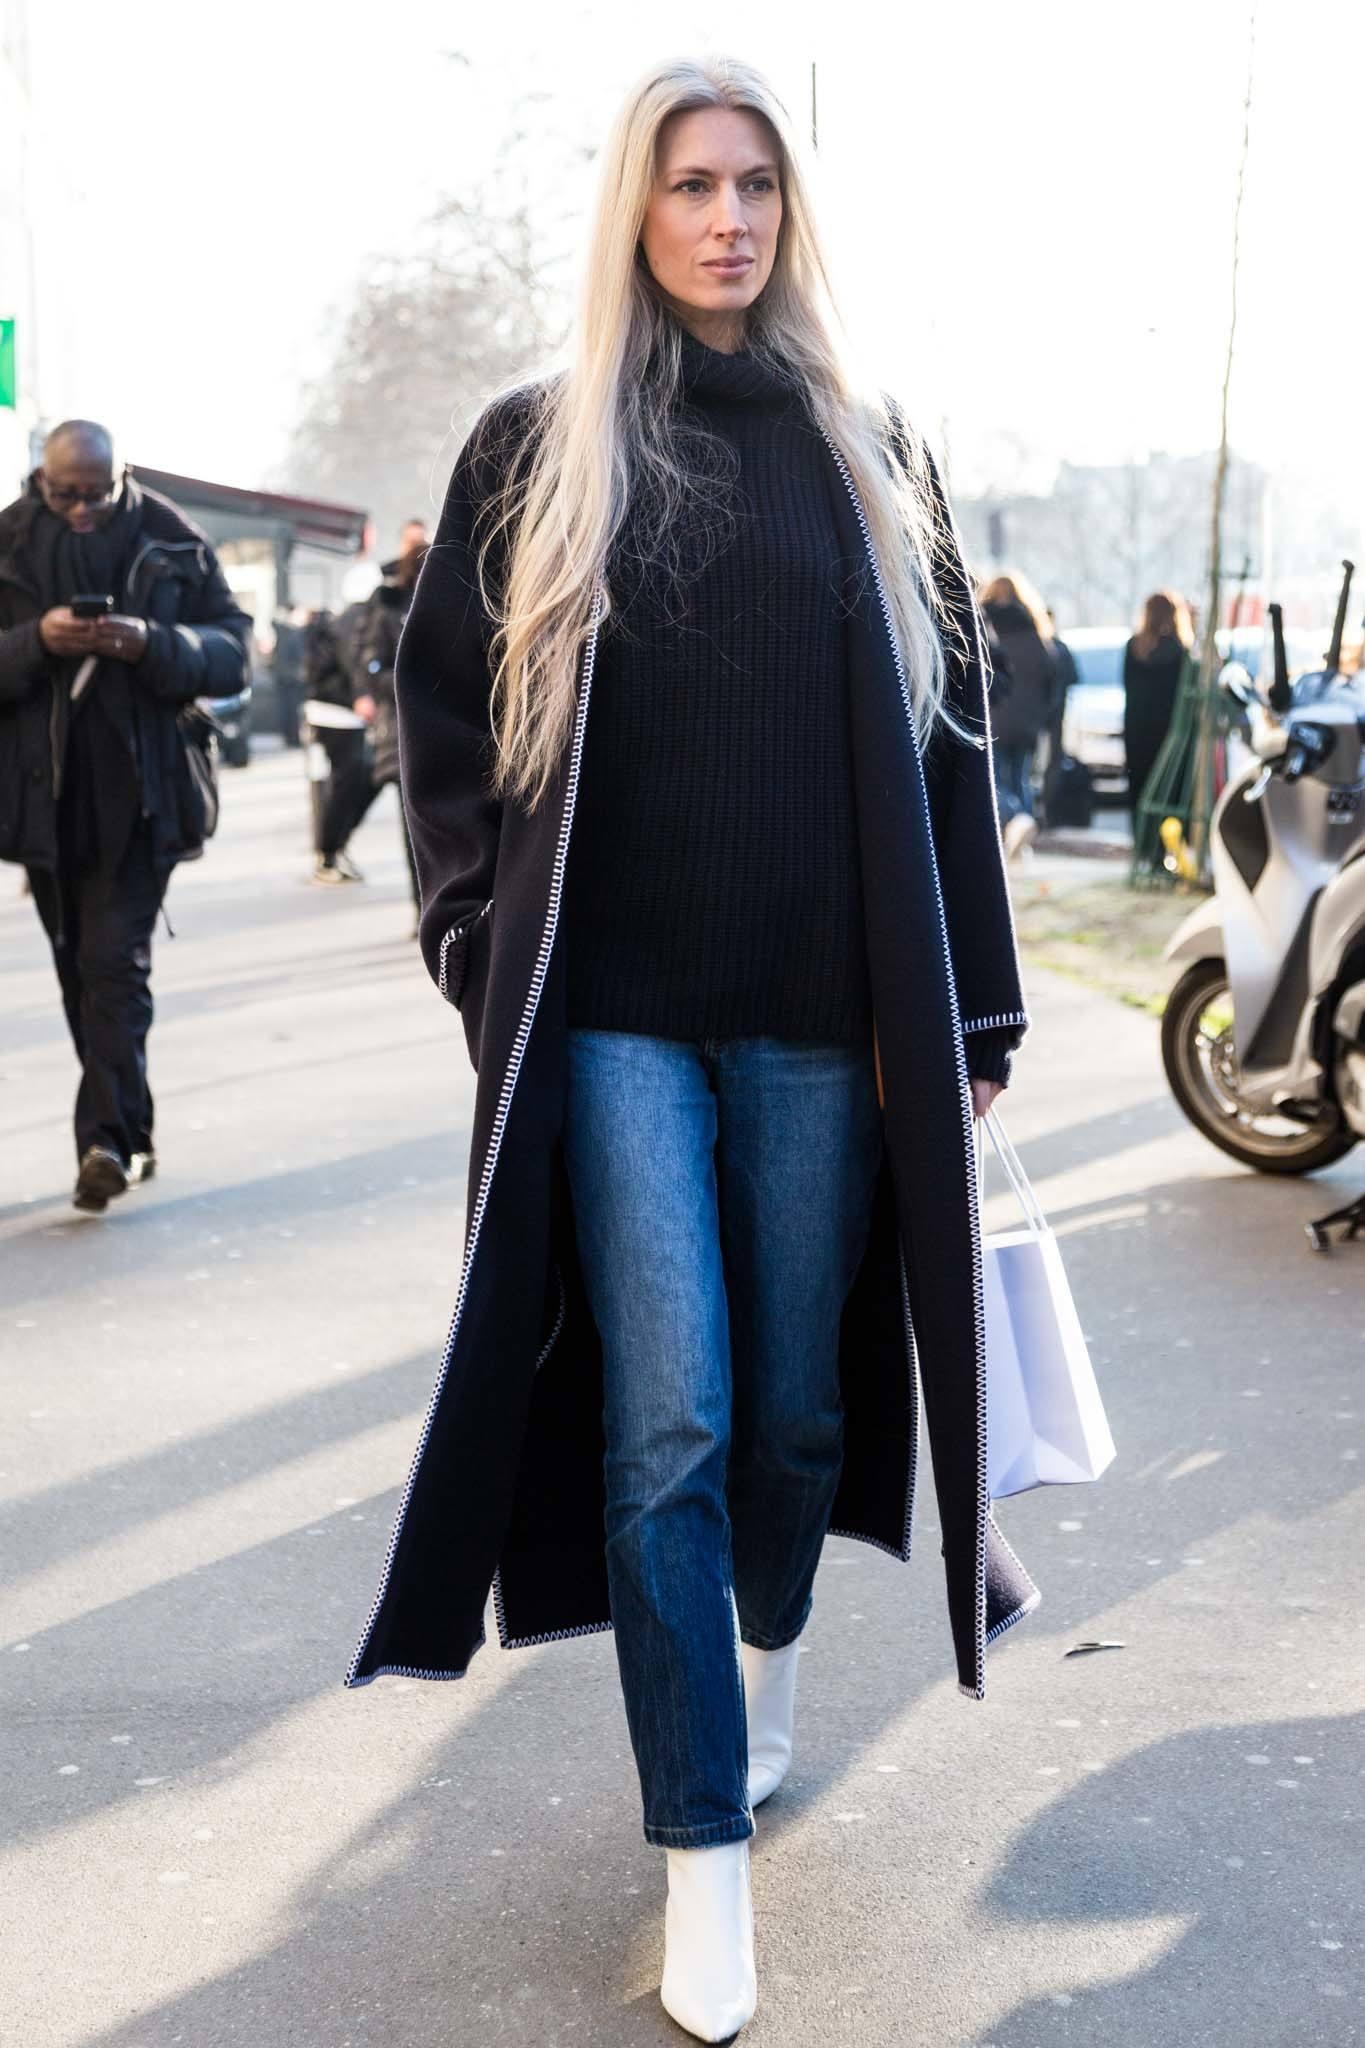 Cheveux blonds cendrés : Plan d'une femme dans la rue avec de longs cheveux blonds cendrés, portant un long manteau noir avec un jean et des baskets blanches à l'extérieur.